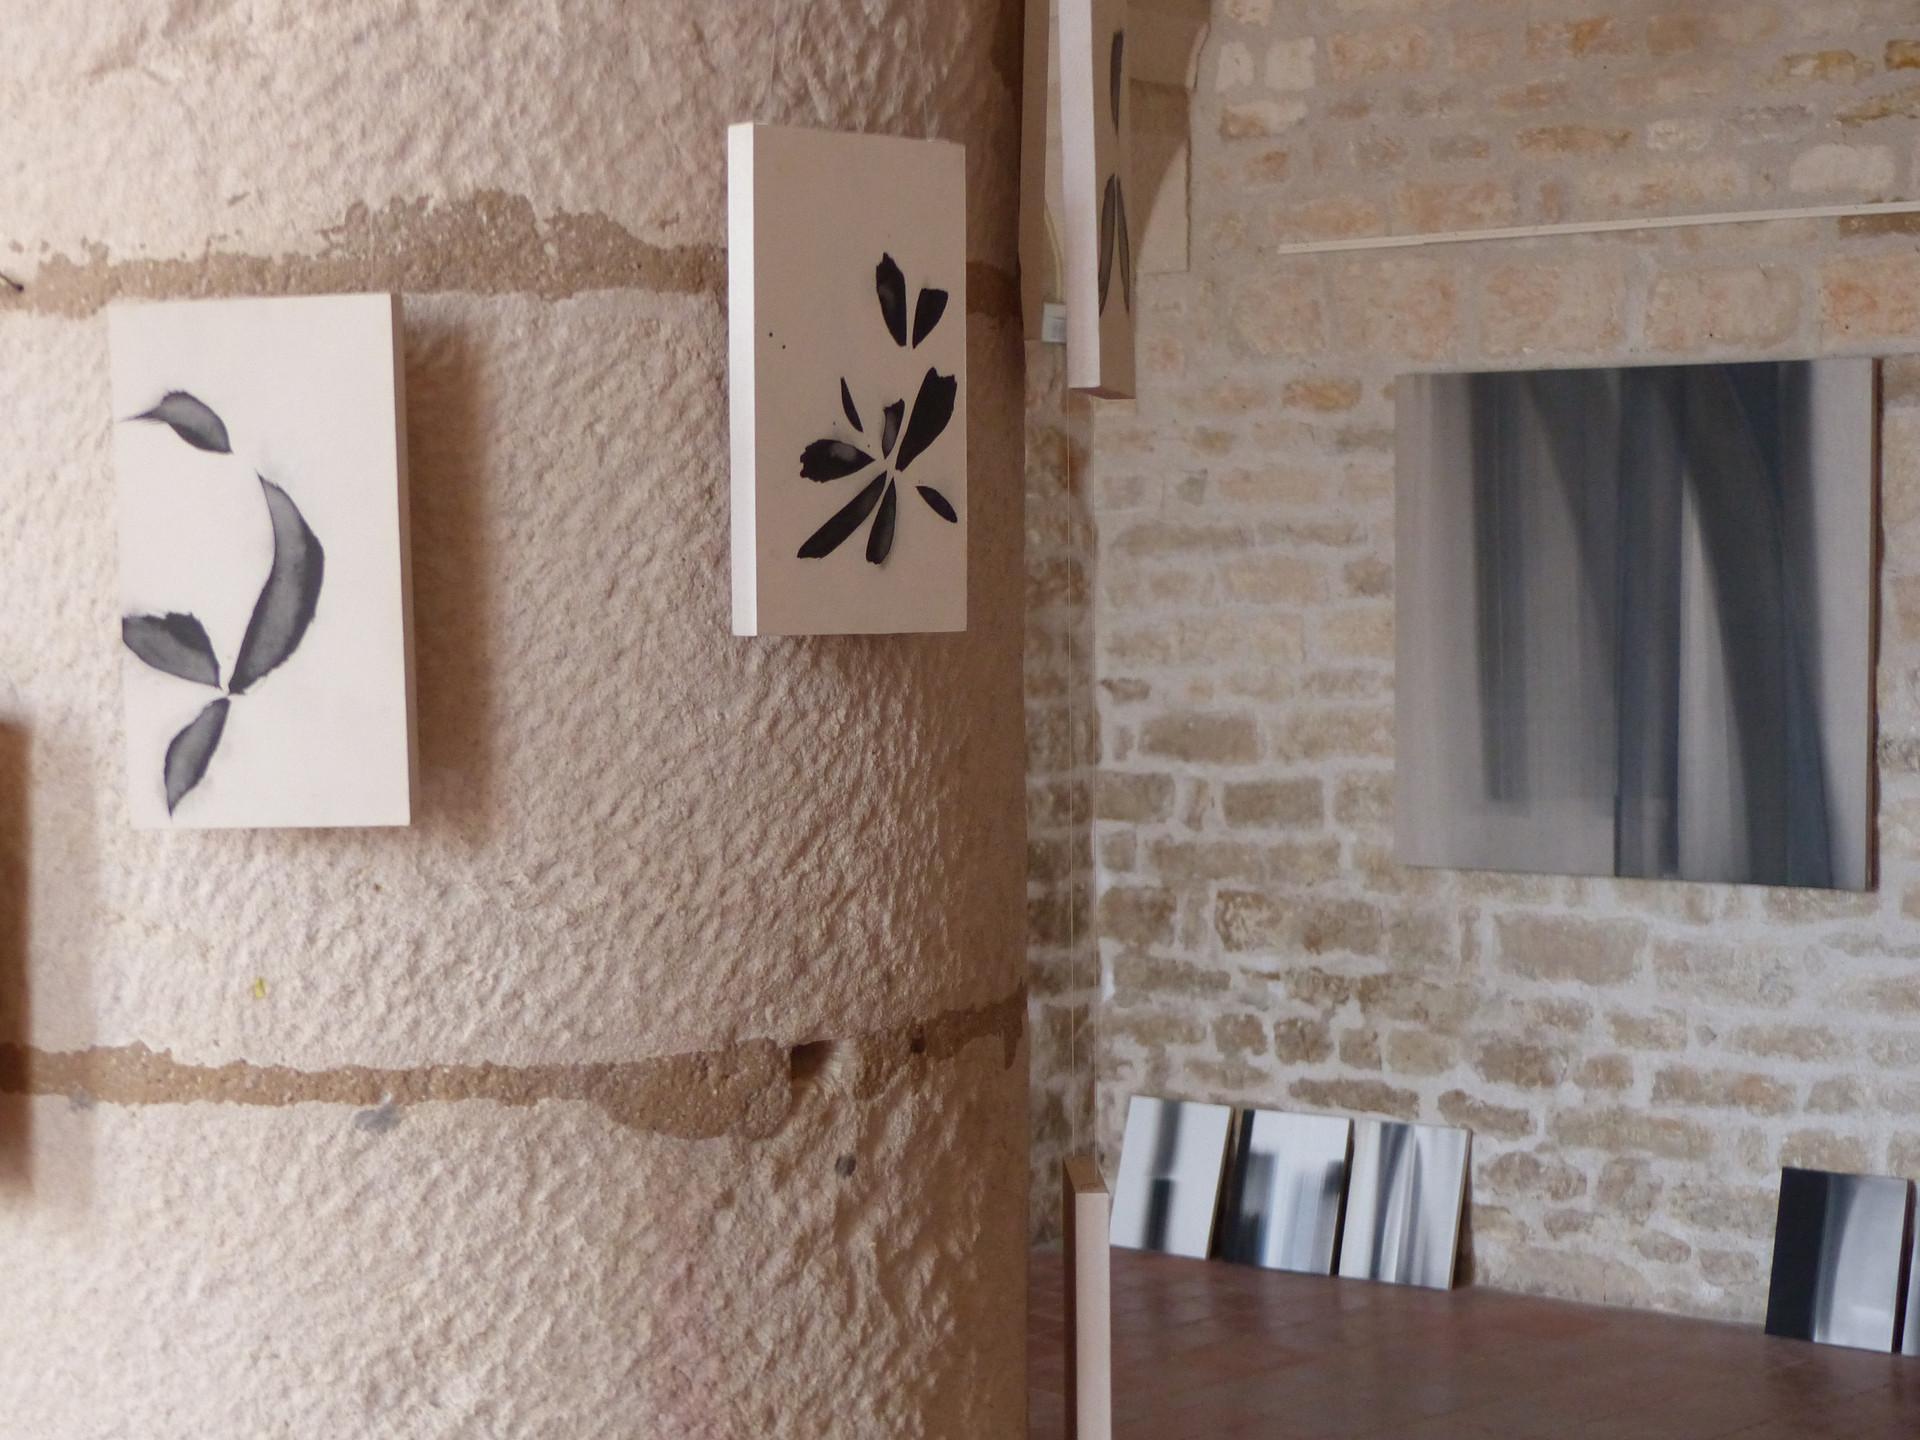 peintures Breuil Vézélay 03.JPG